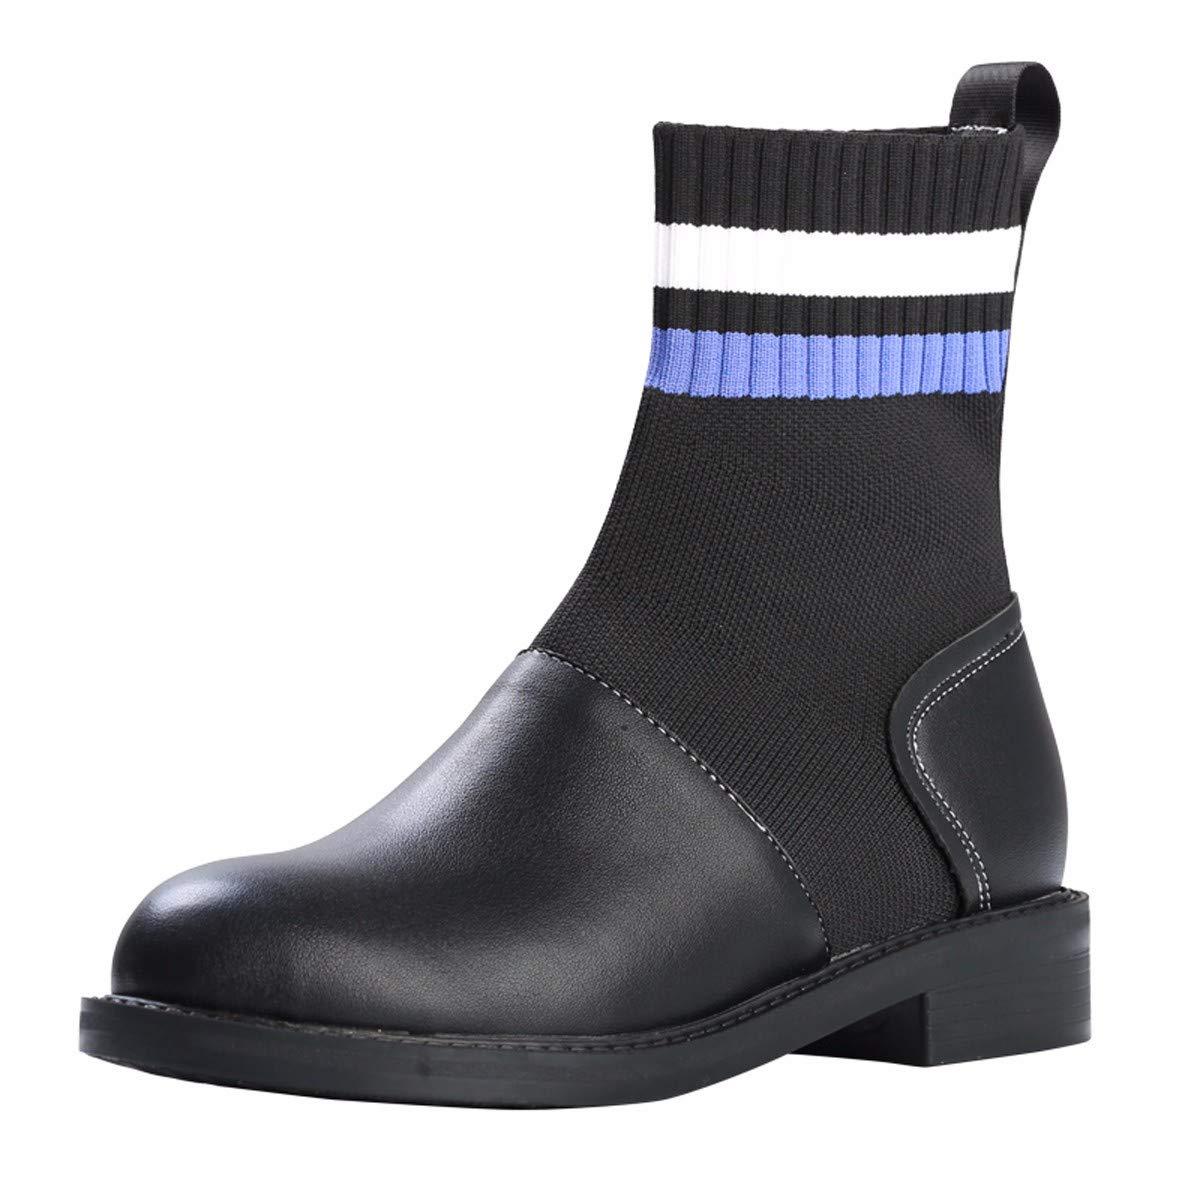 Olici Damen-Schuhe elegant für Arbeit und Freizeit 3 cm hoch für Frühling und Herbst Martin Stiefel Studenten Joker